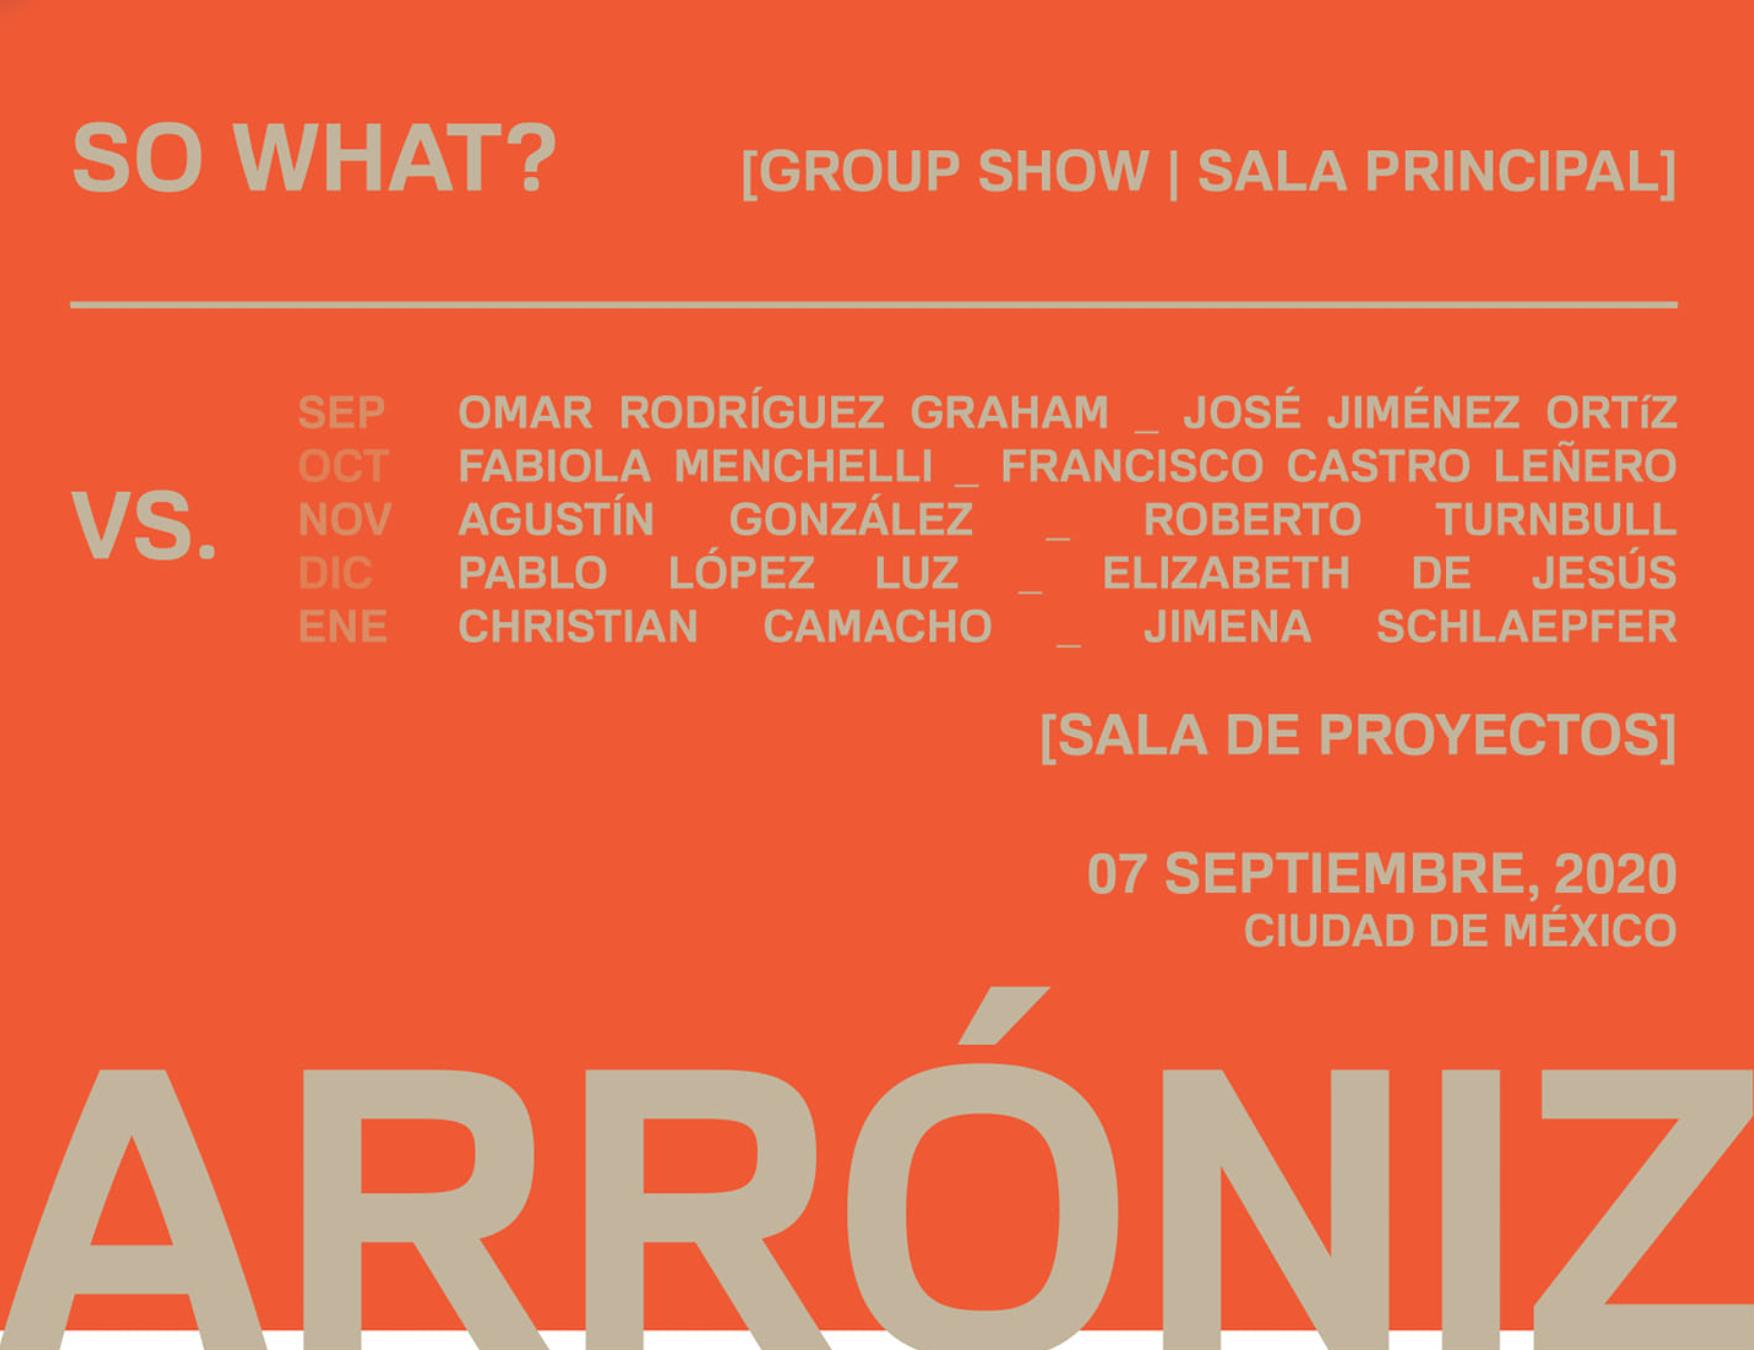 VERSUS: Fransisco Castro Leñero & Fabiola Menchelli Arroniz, Octubre 2020